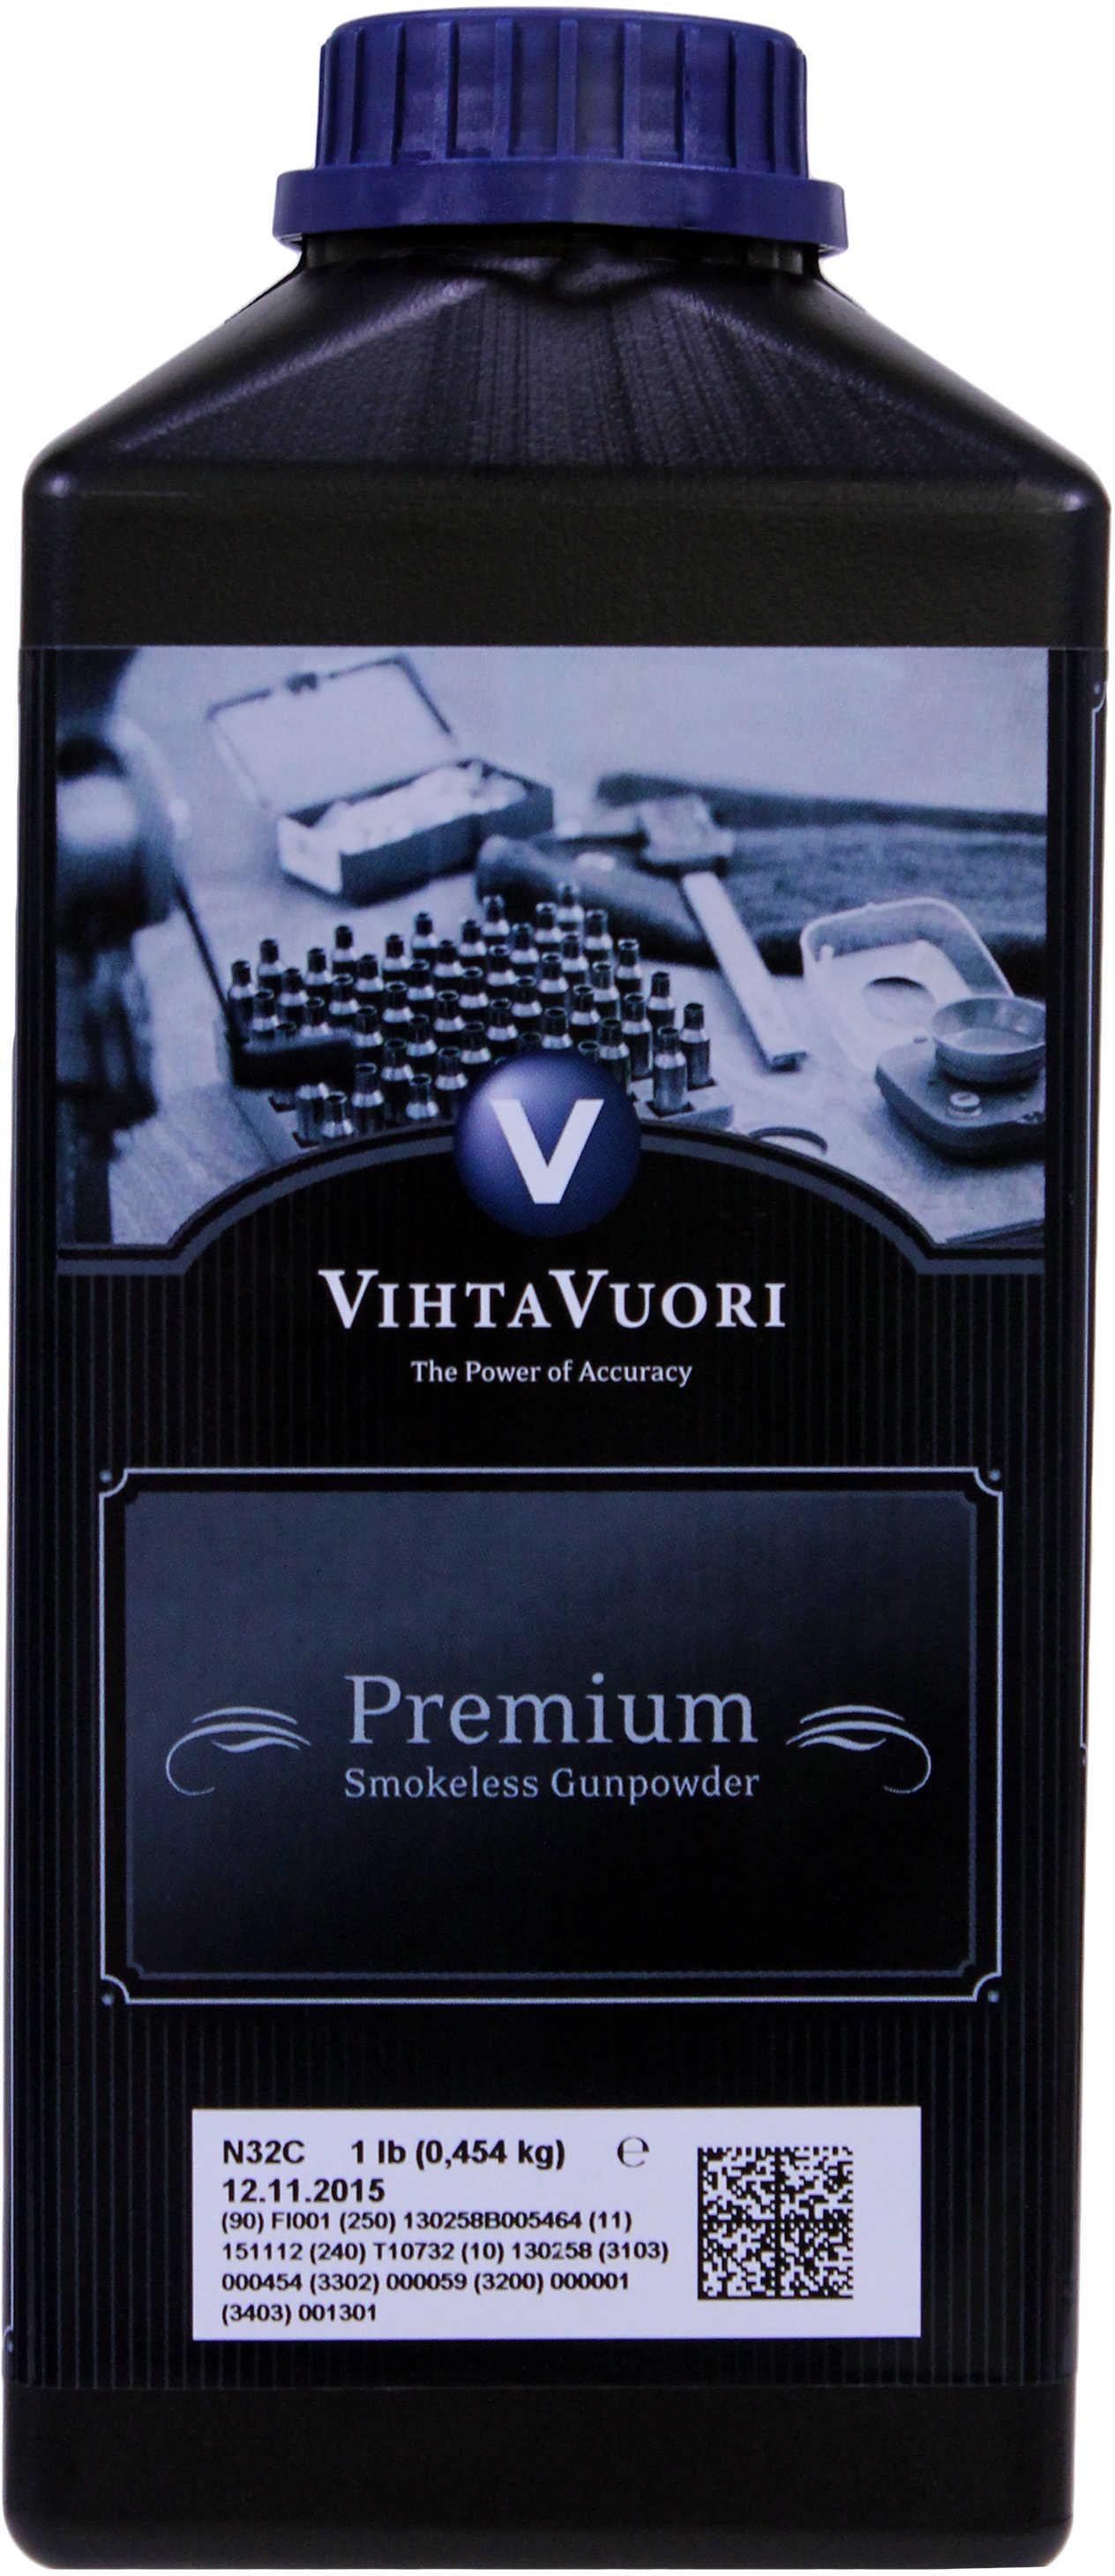 Vihtavuori Powder Tin Star N32C 1Lb for CAS